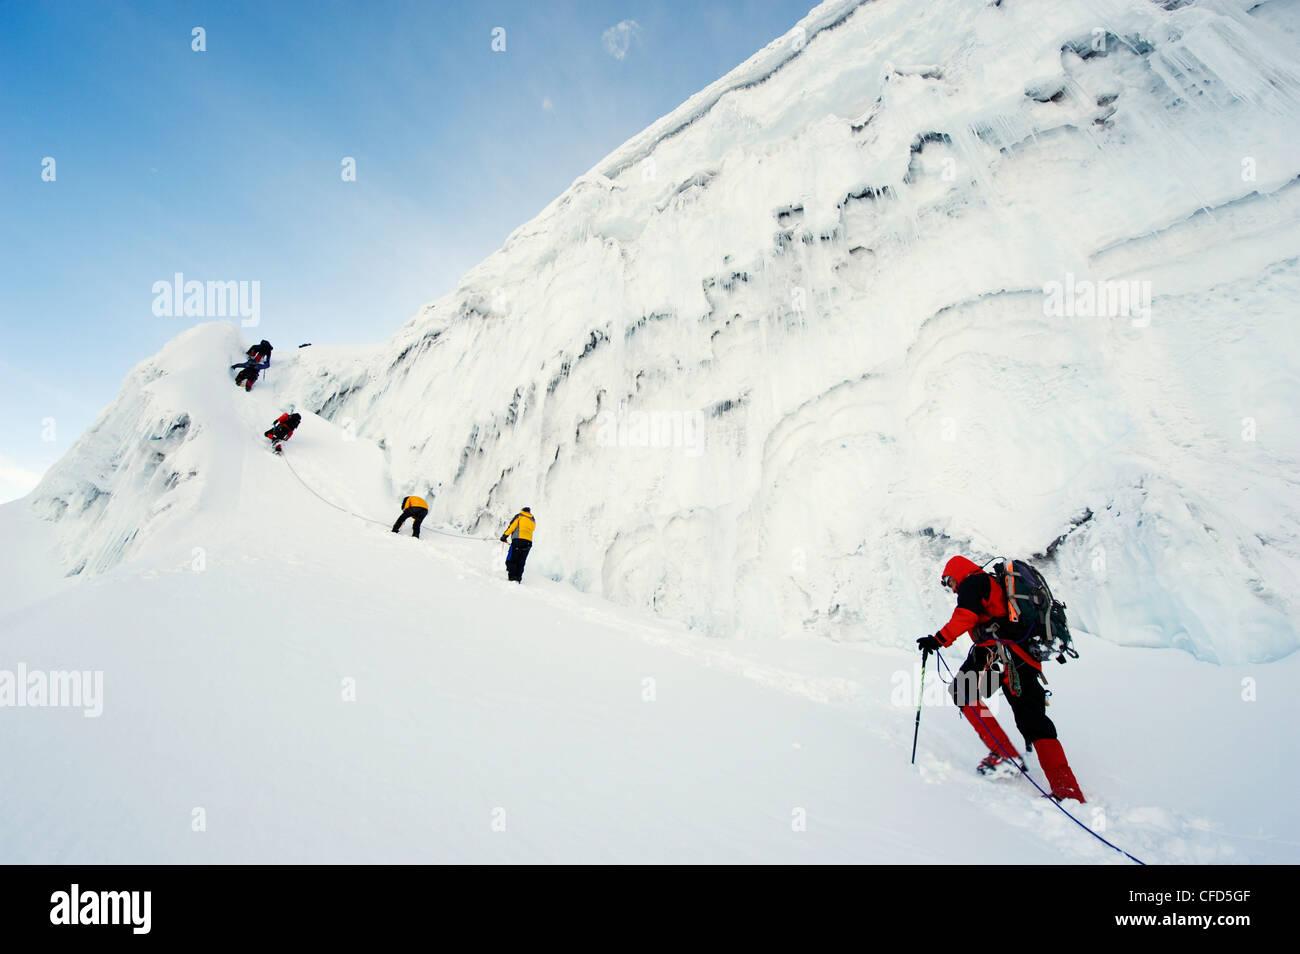 protzen auf dem Gletscher des Volcan Cotopaxi, 5897 m der höchste aktive Vulkan der Welt, Ecuador, Südamerika Stockbild